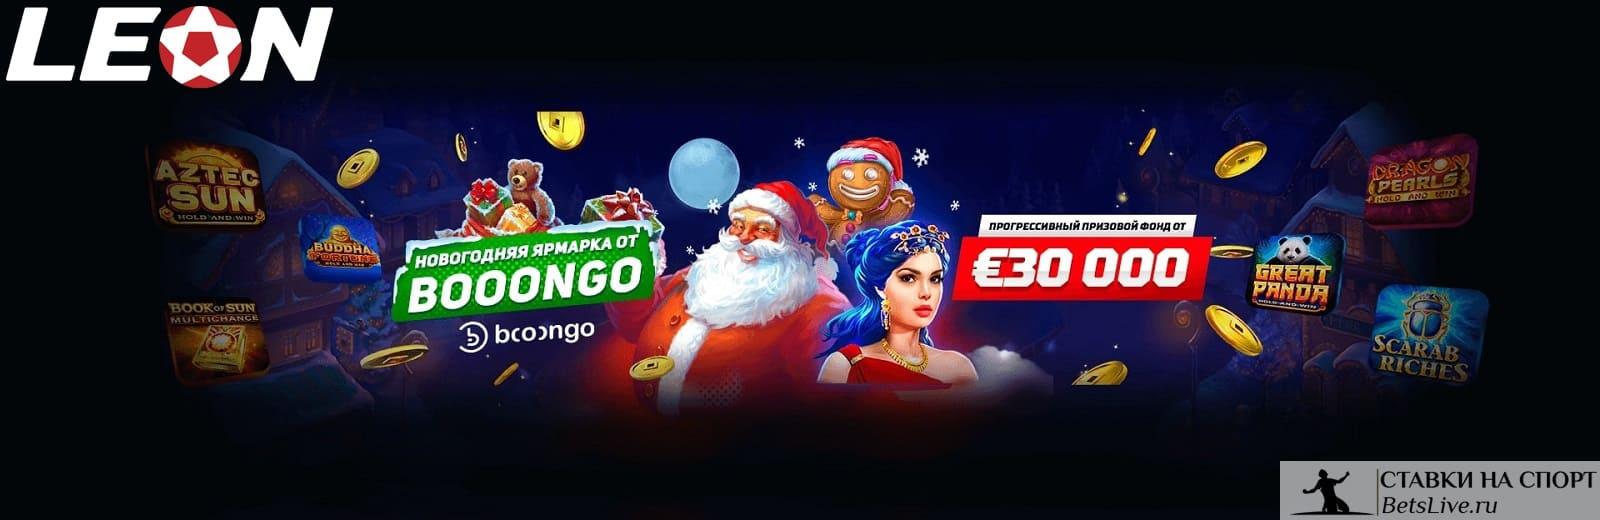 Новогодняя ярмарка от Booongo акция Leonbets